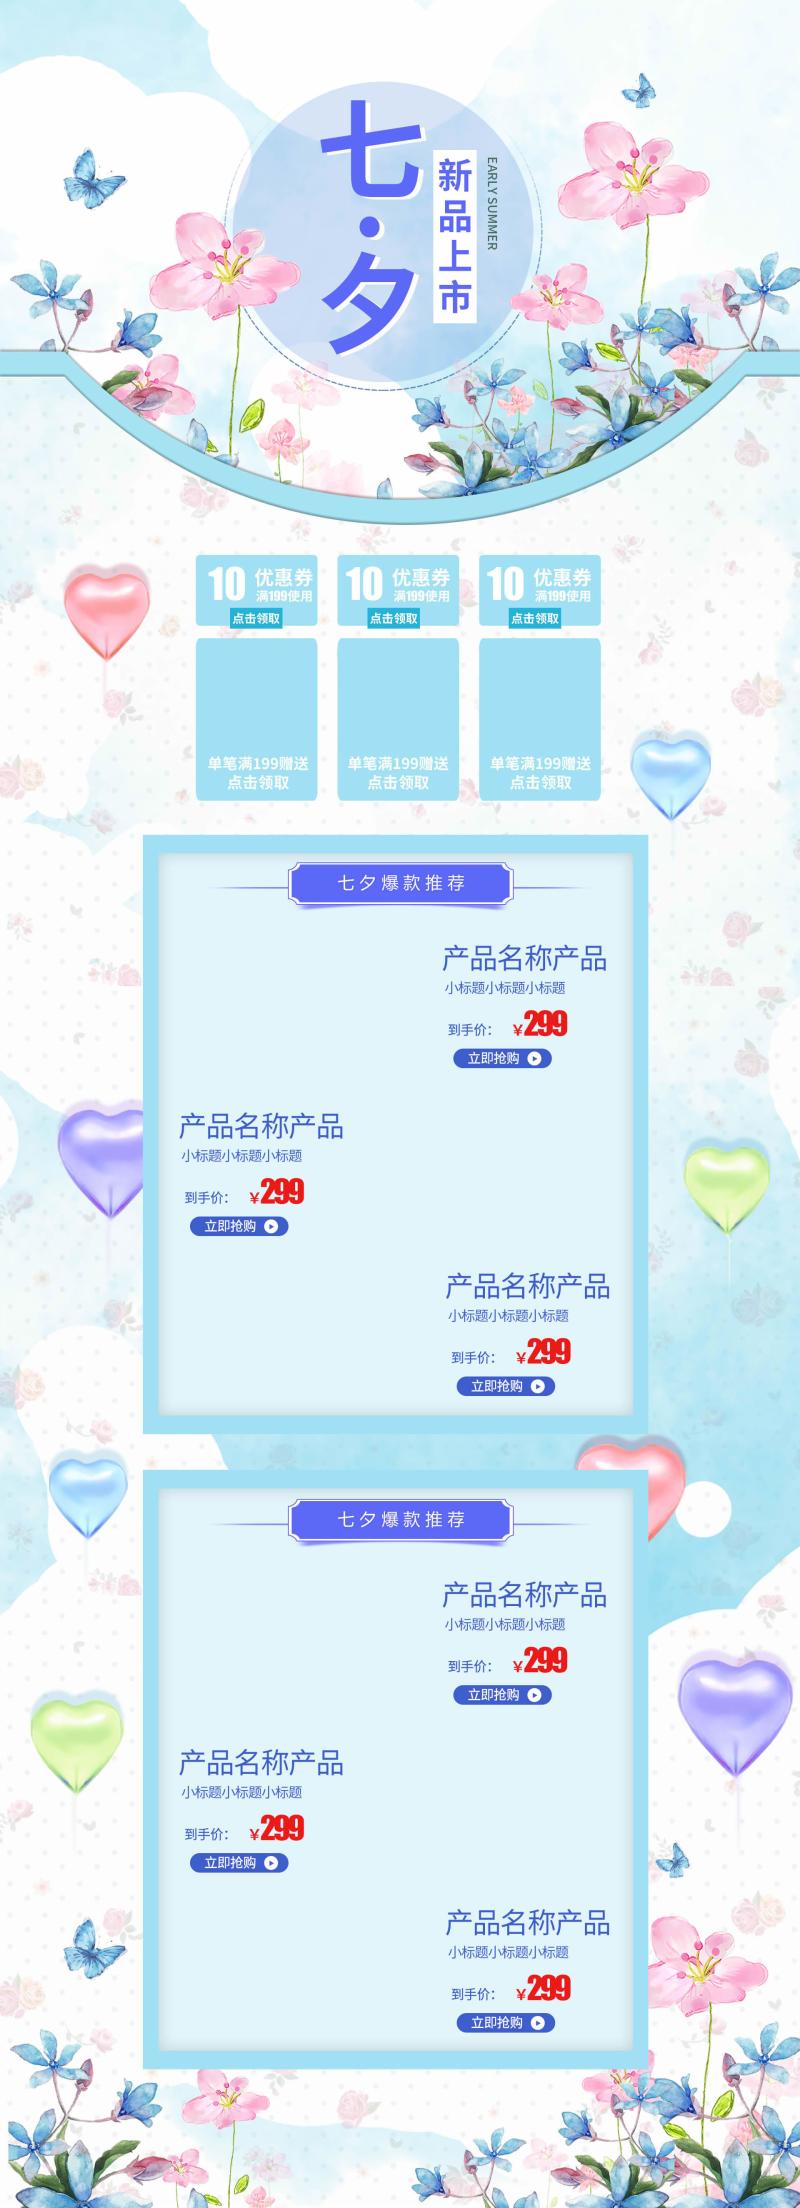 天猫七夕情人节首页装修通用模板